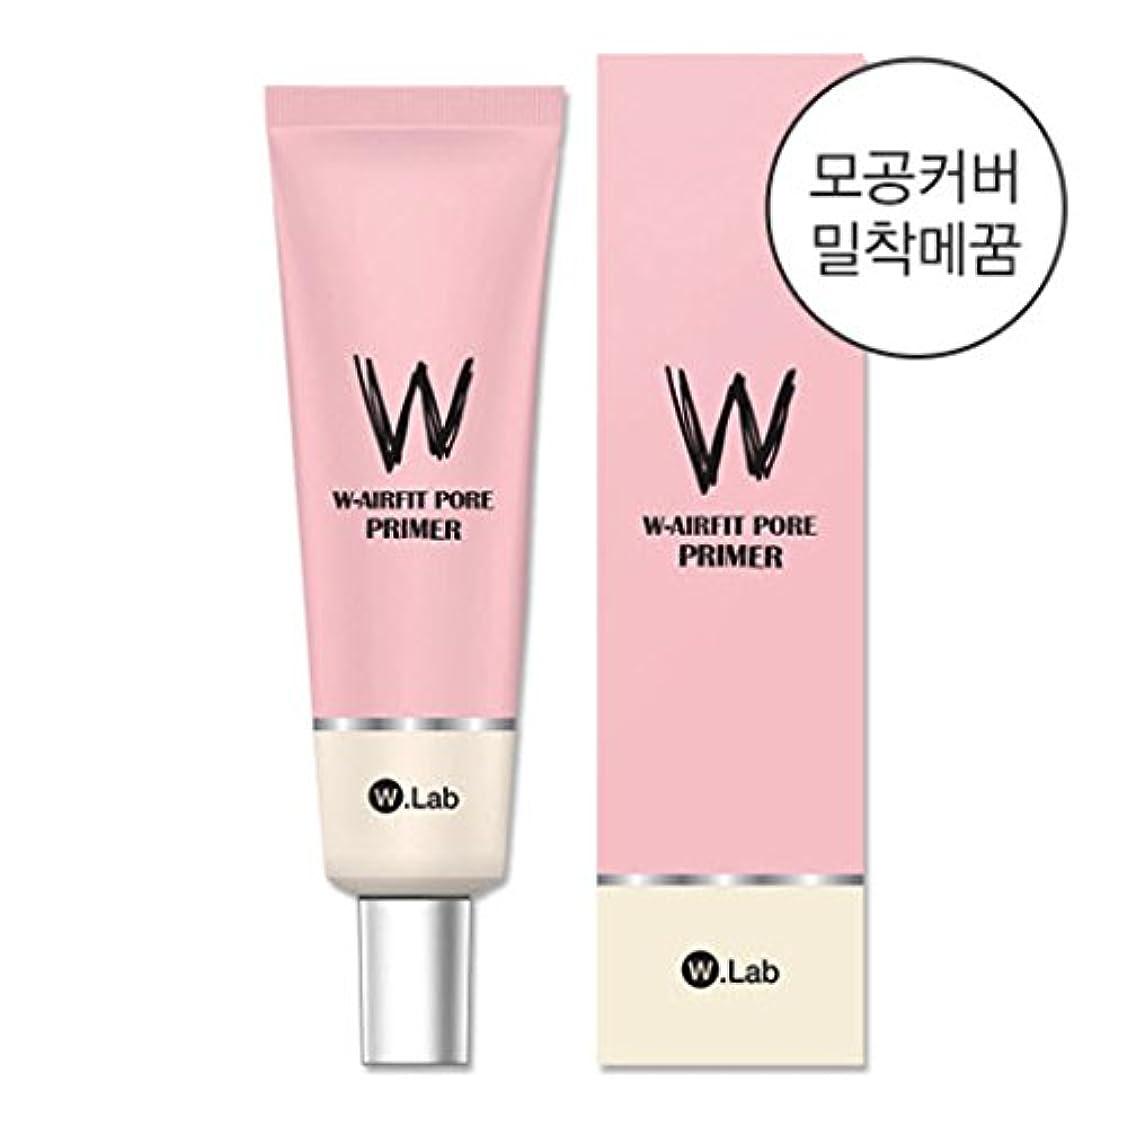 召集する謝罪兄弟愛W.Lab W-Airfit Pore Primer 35g [parallel import goods]